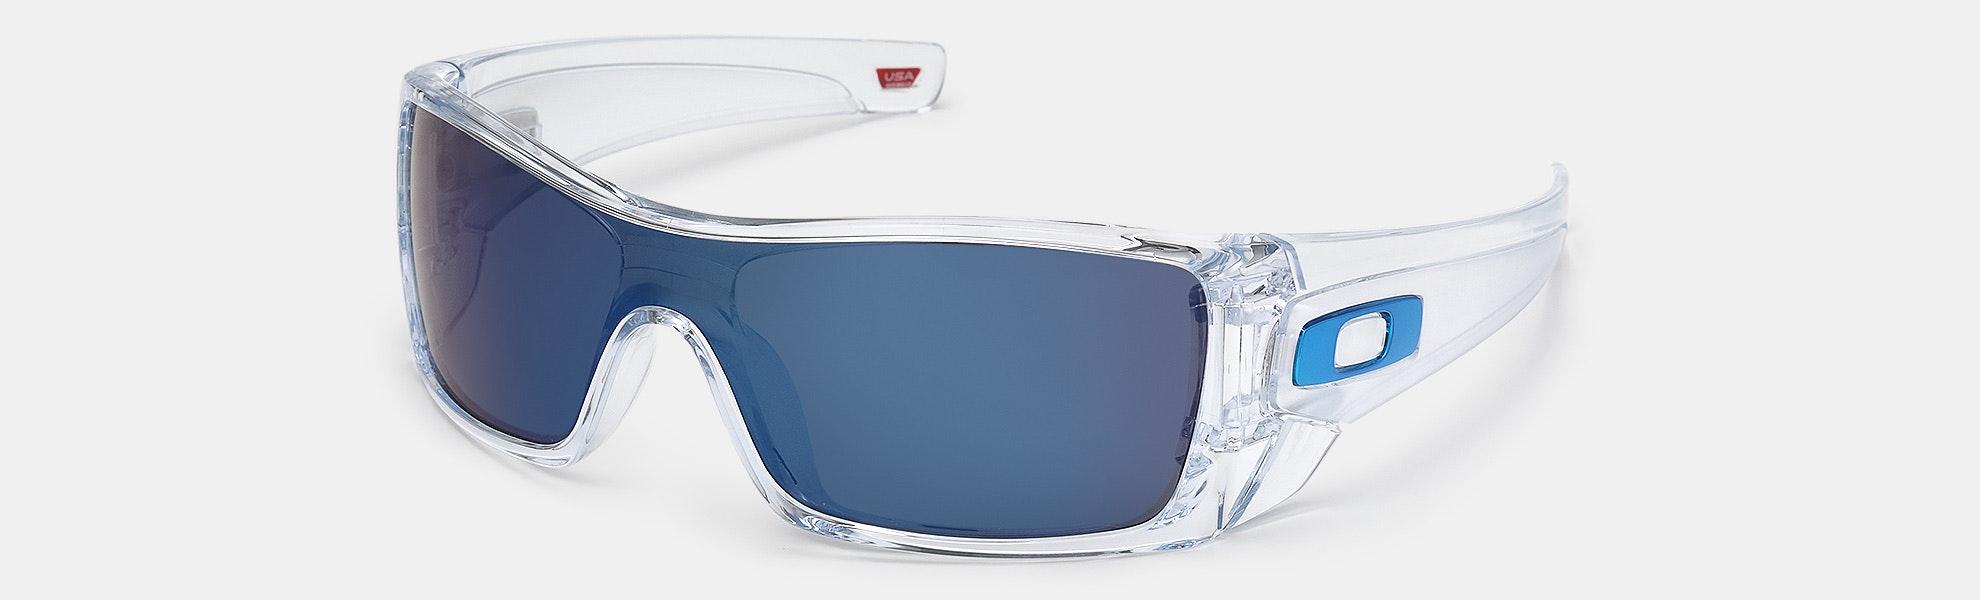 Oakley Batwolf Sunglasses